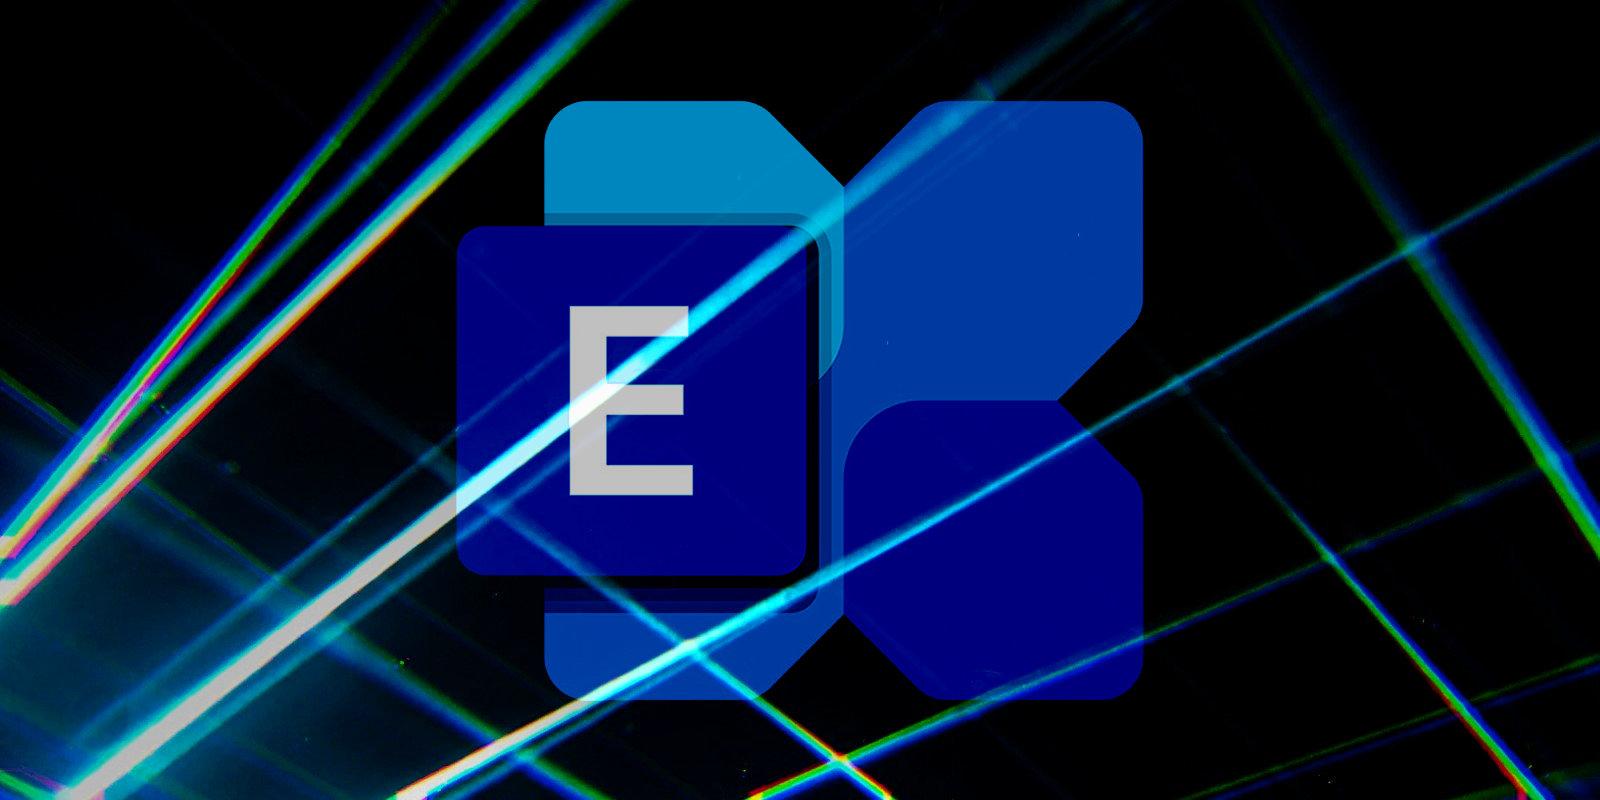 Более 2000 серверов Exchange взломаны с использованием эксплоита для ProxyShell